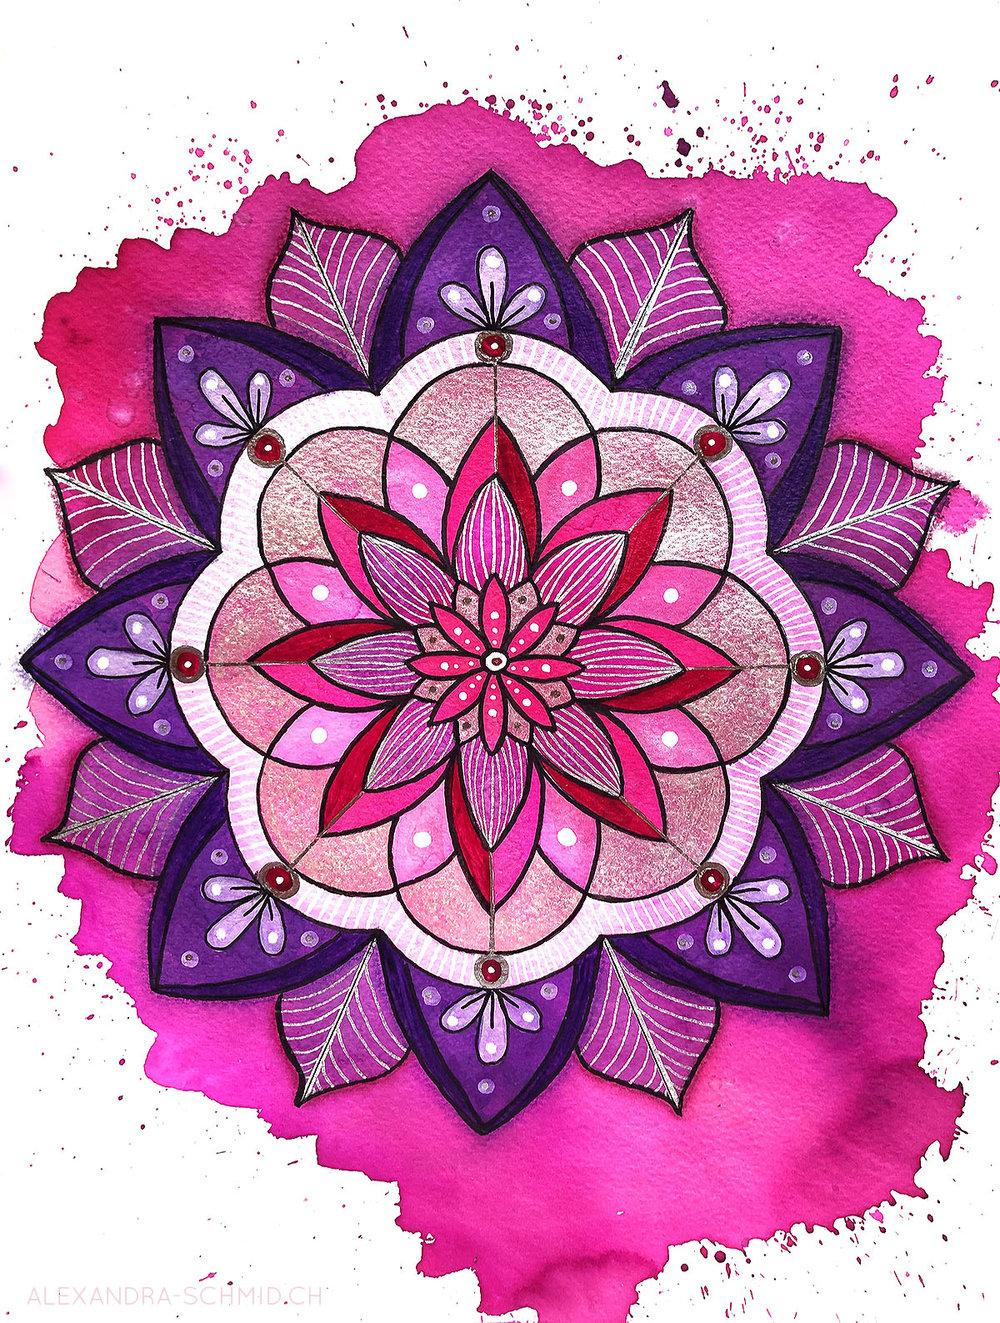 AS_PinkMandala0818.jpg